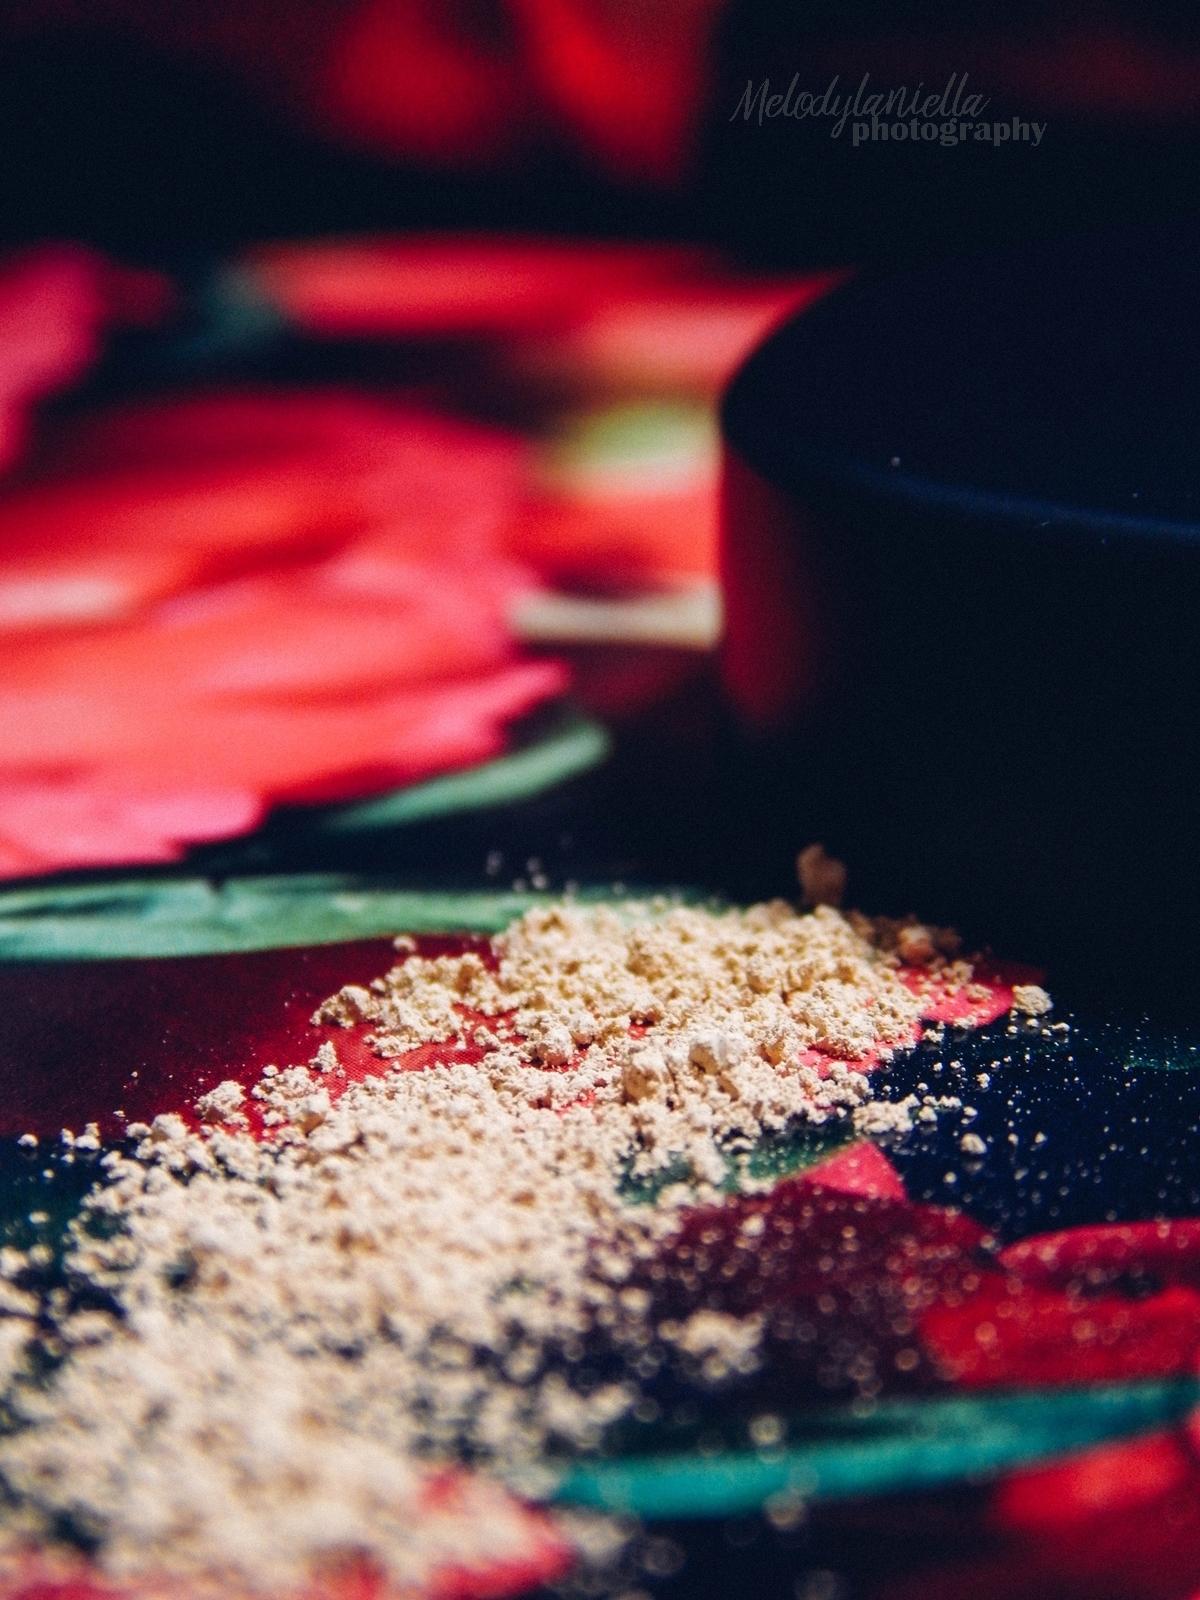 annabelle minerals kosmetyki mineralne zestaw matujący korektor podkład róż gratis pędzel jak używać kosmetyków mineralnych recenzja melodylaniella mineralne produkty kosmetyczne